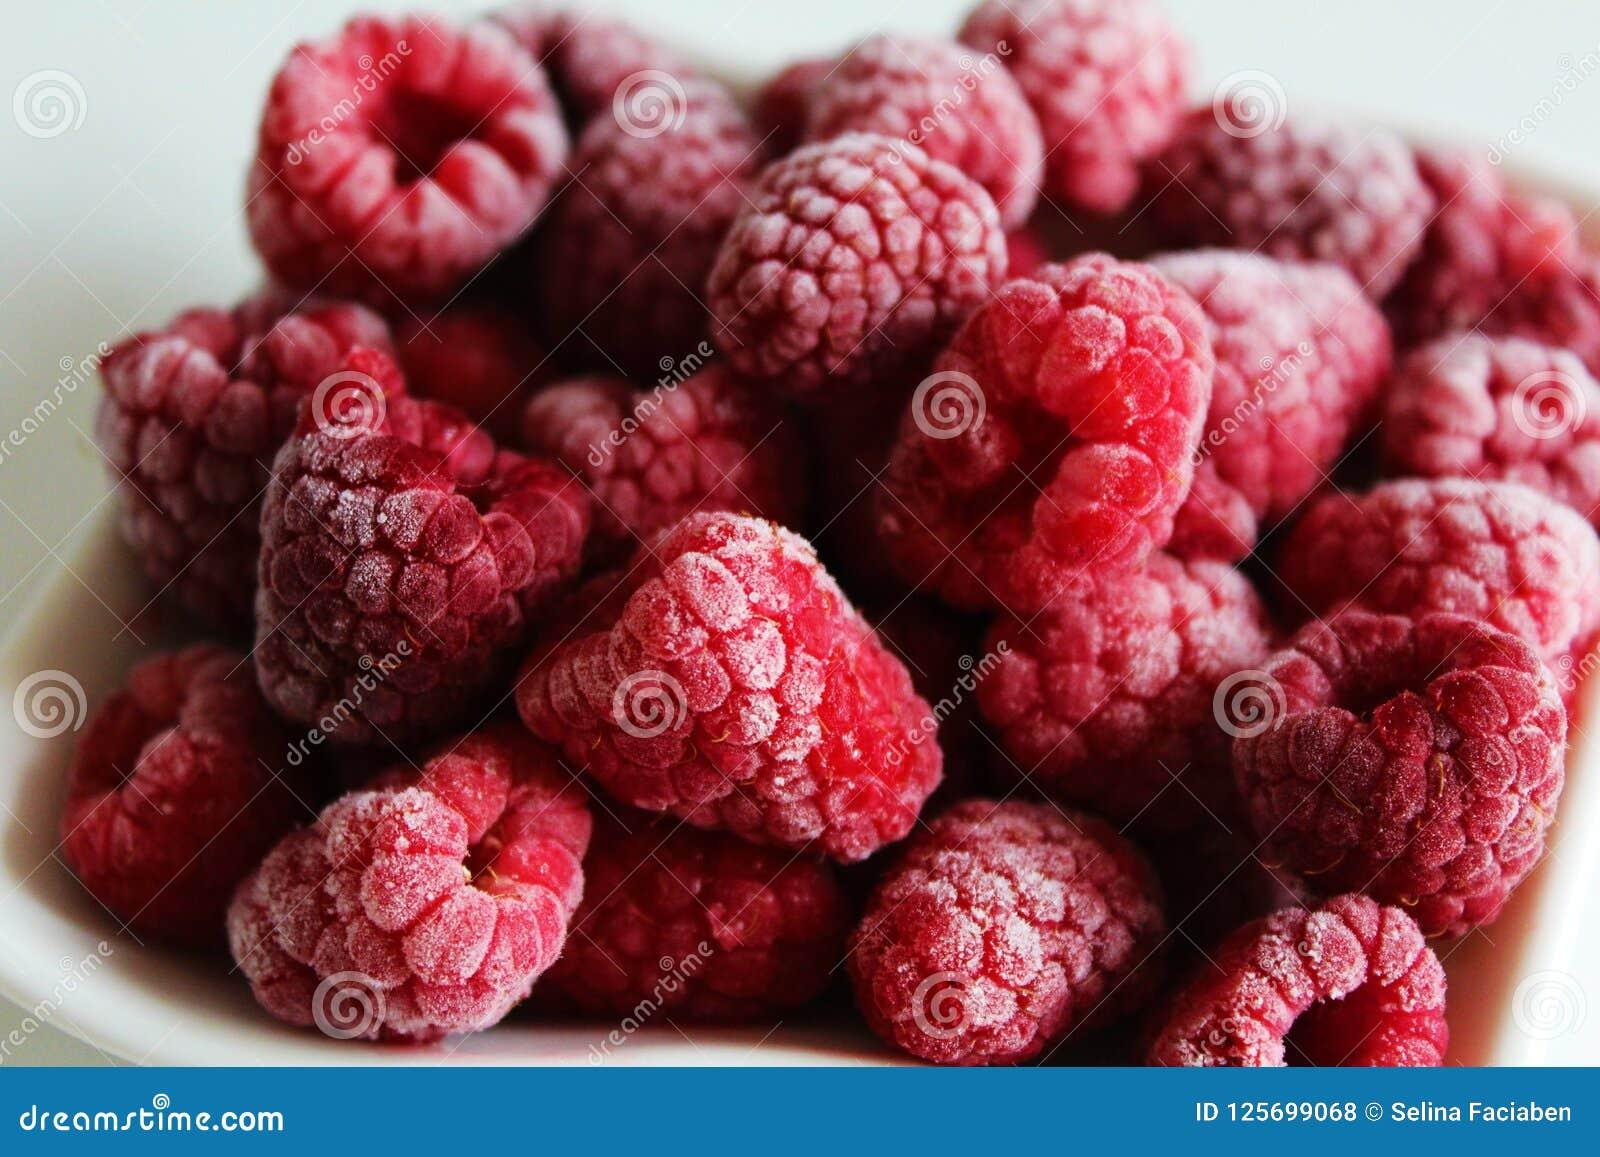 The red fruit, frozen raspberries